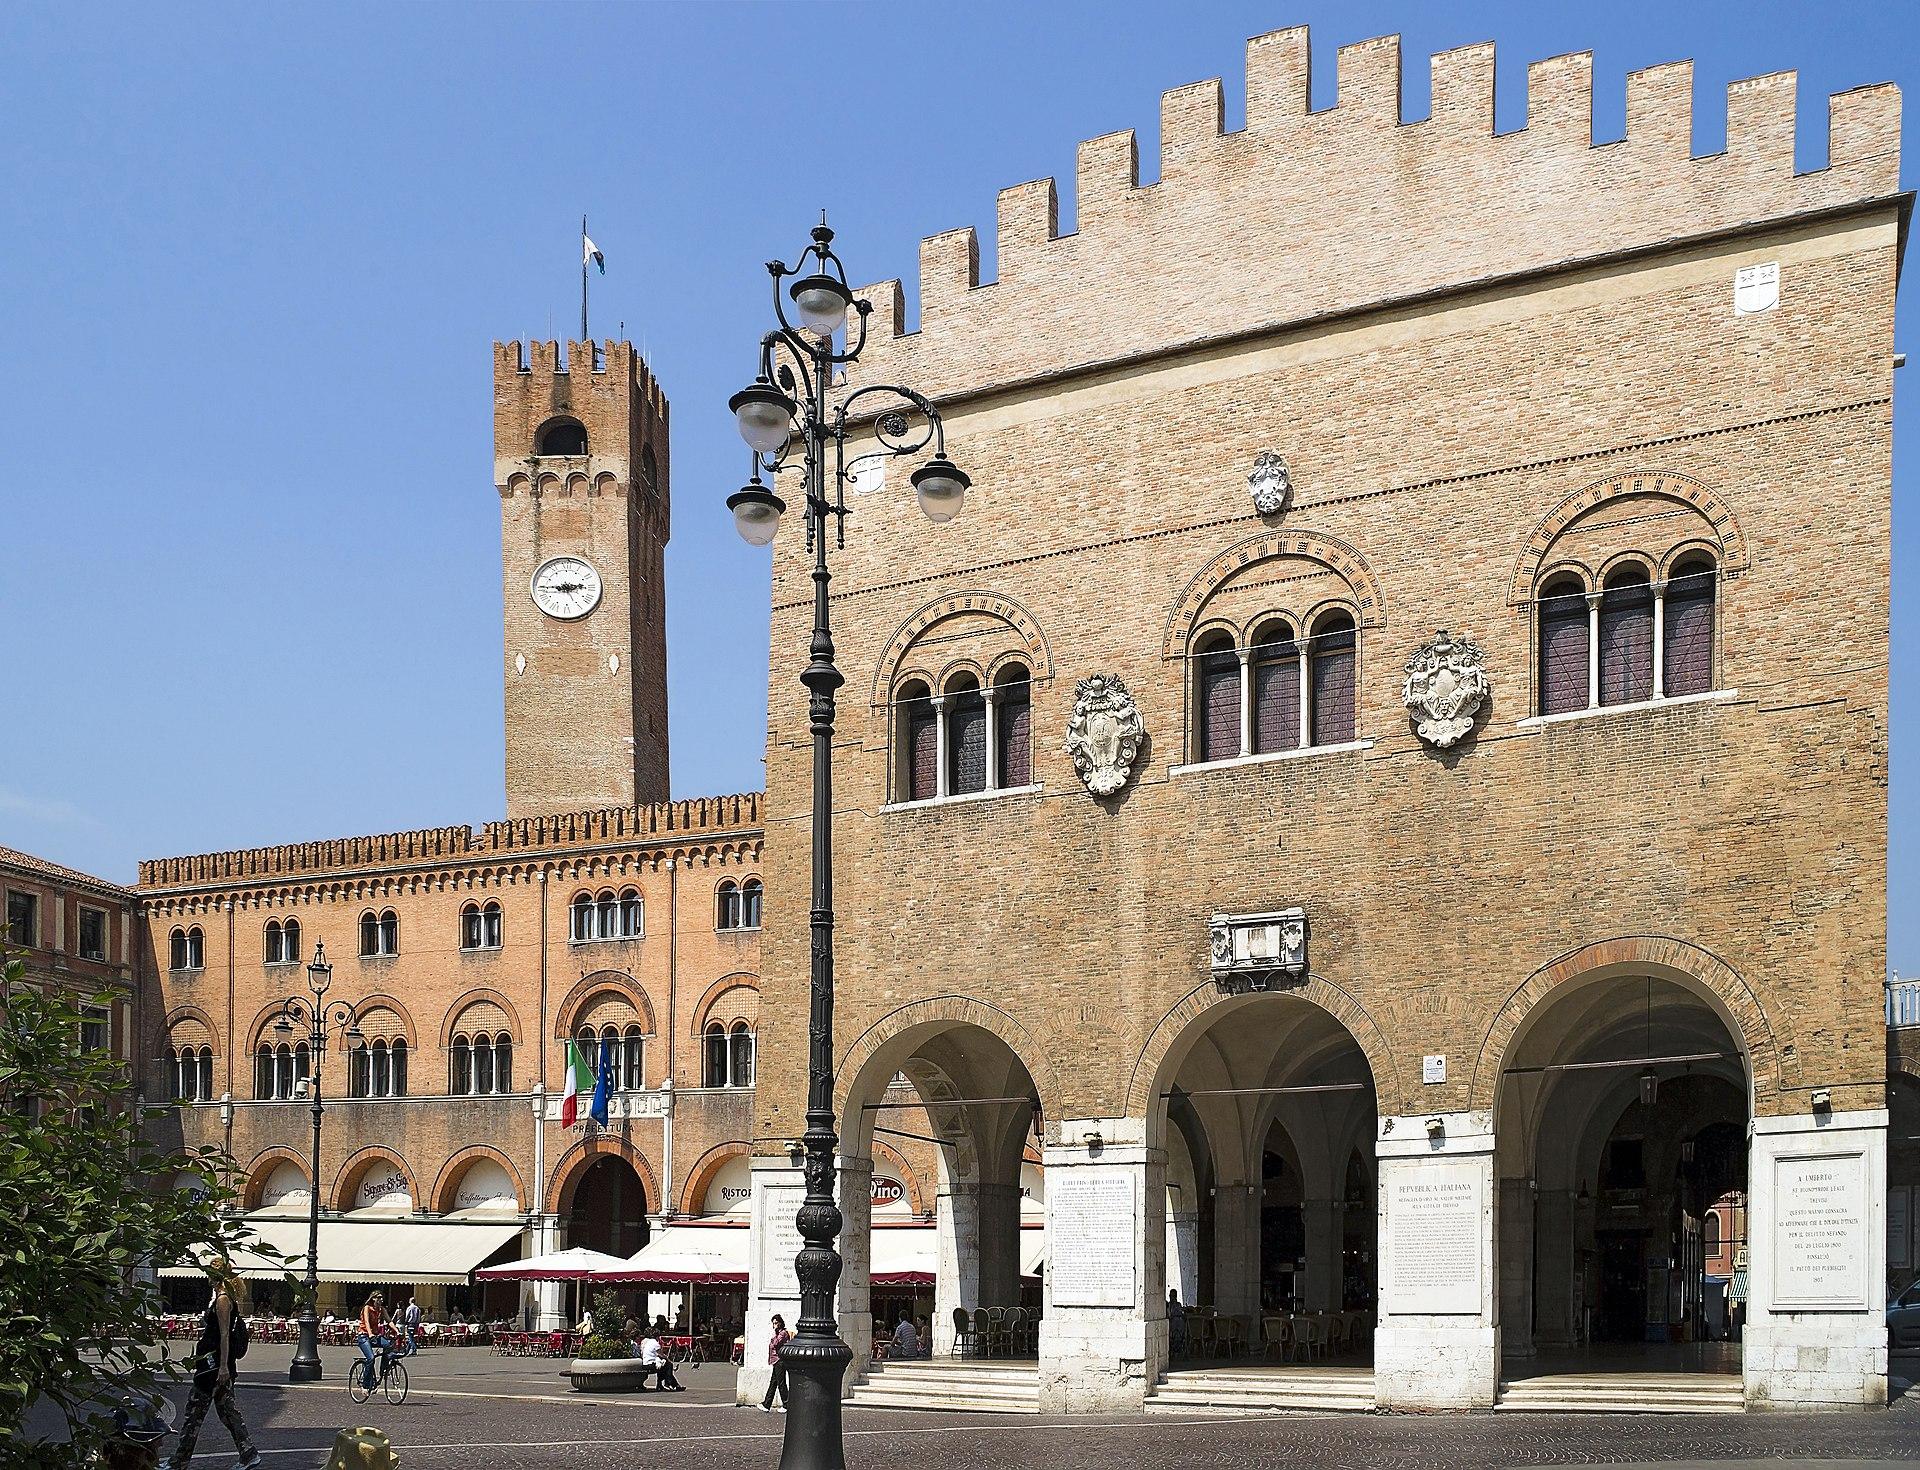 Treviso - Piazza dei Signori